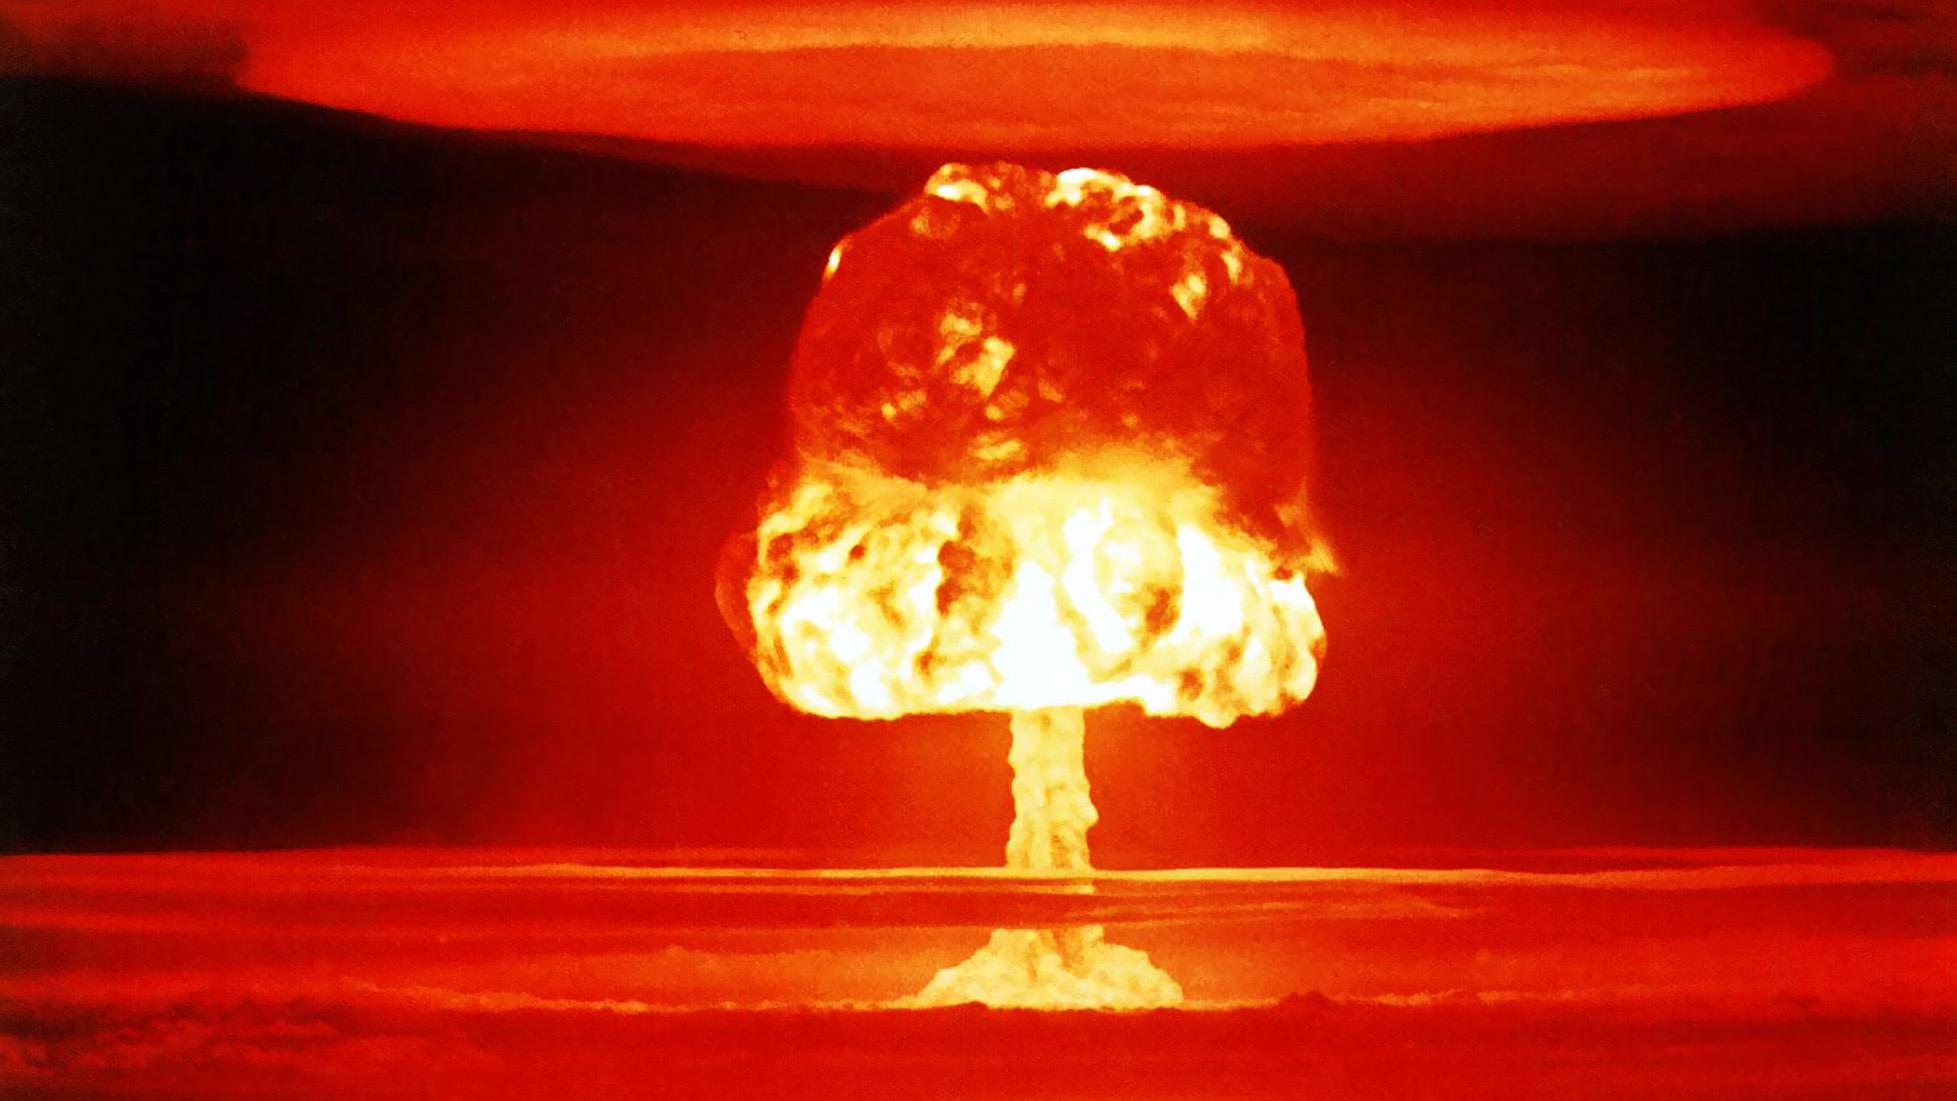 アメリカが行った危険な大気圏外核実験【ドミニク作戦】